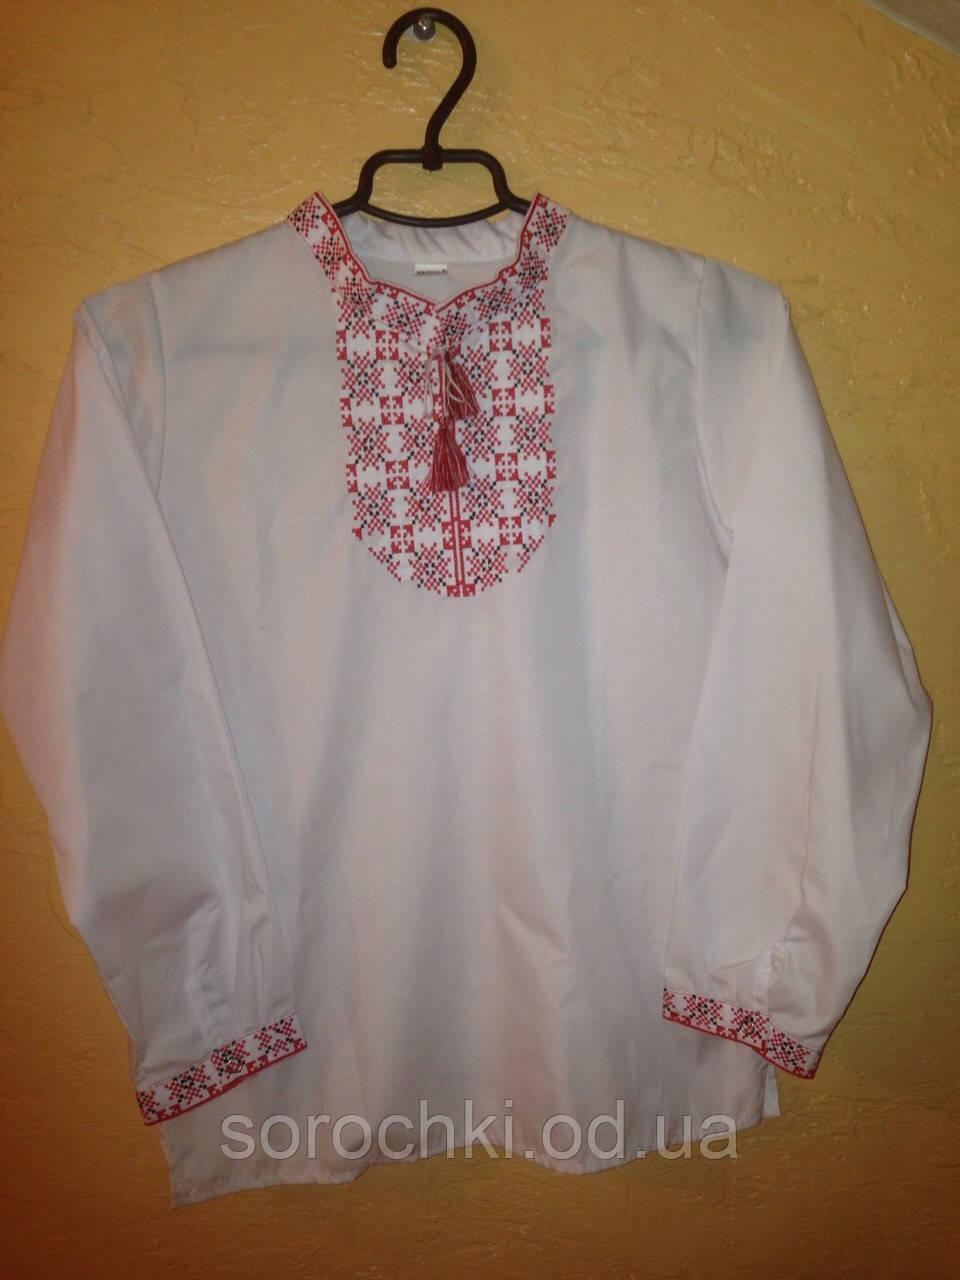 Сорочка вышиванка детская белая цвет вышивки красный.